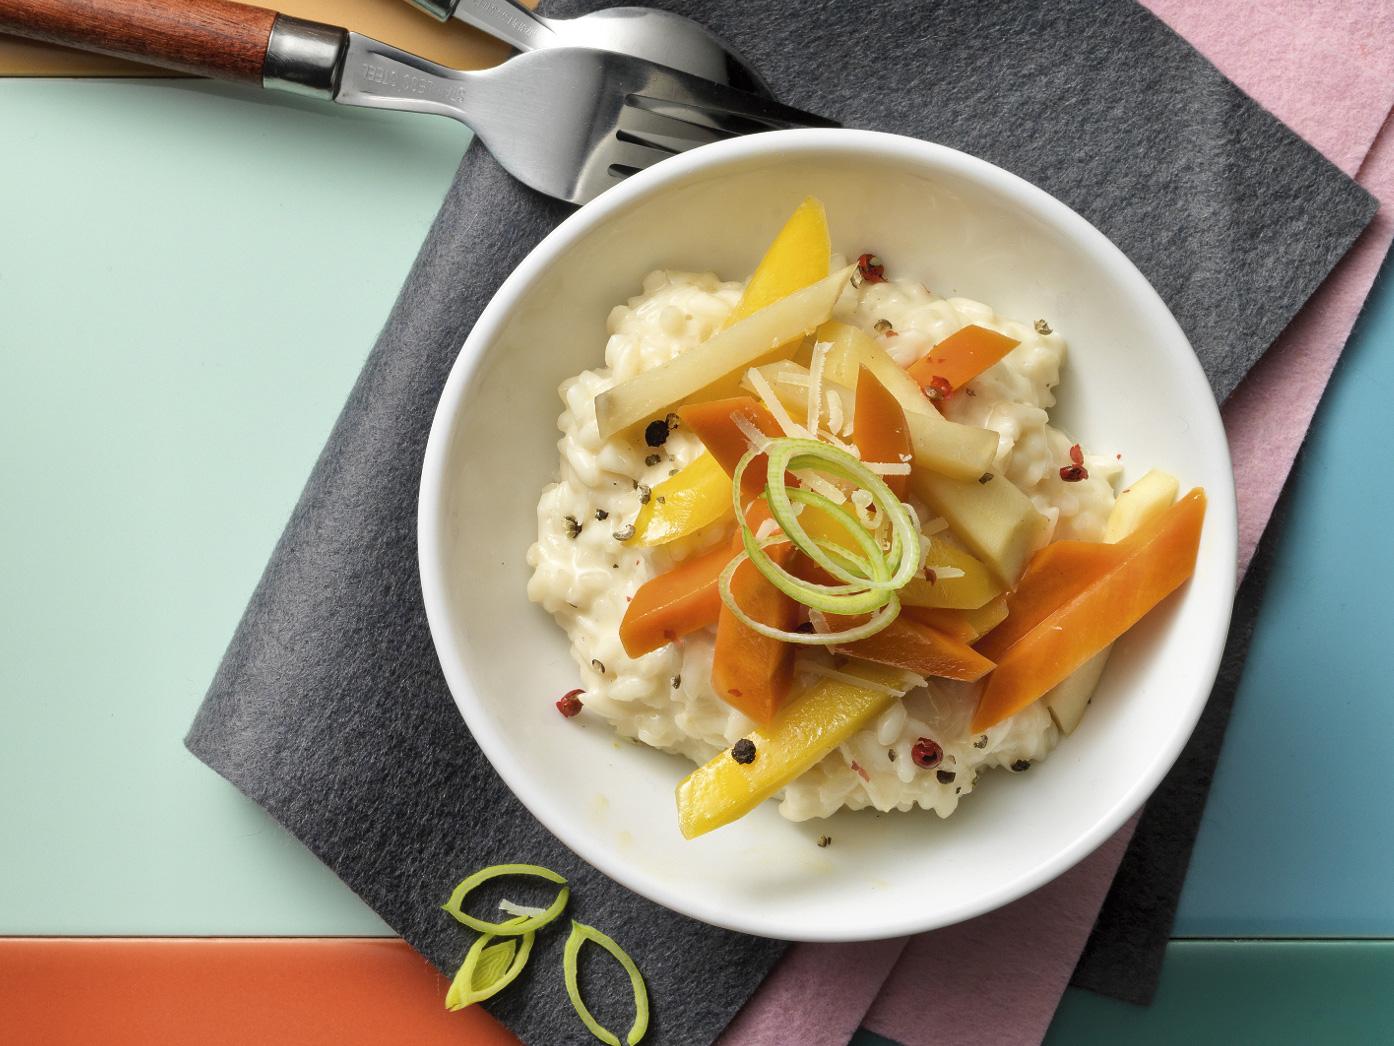 Pfeffer-Risotto mit caramelisiertem Gemüse